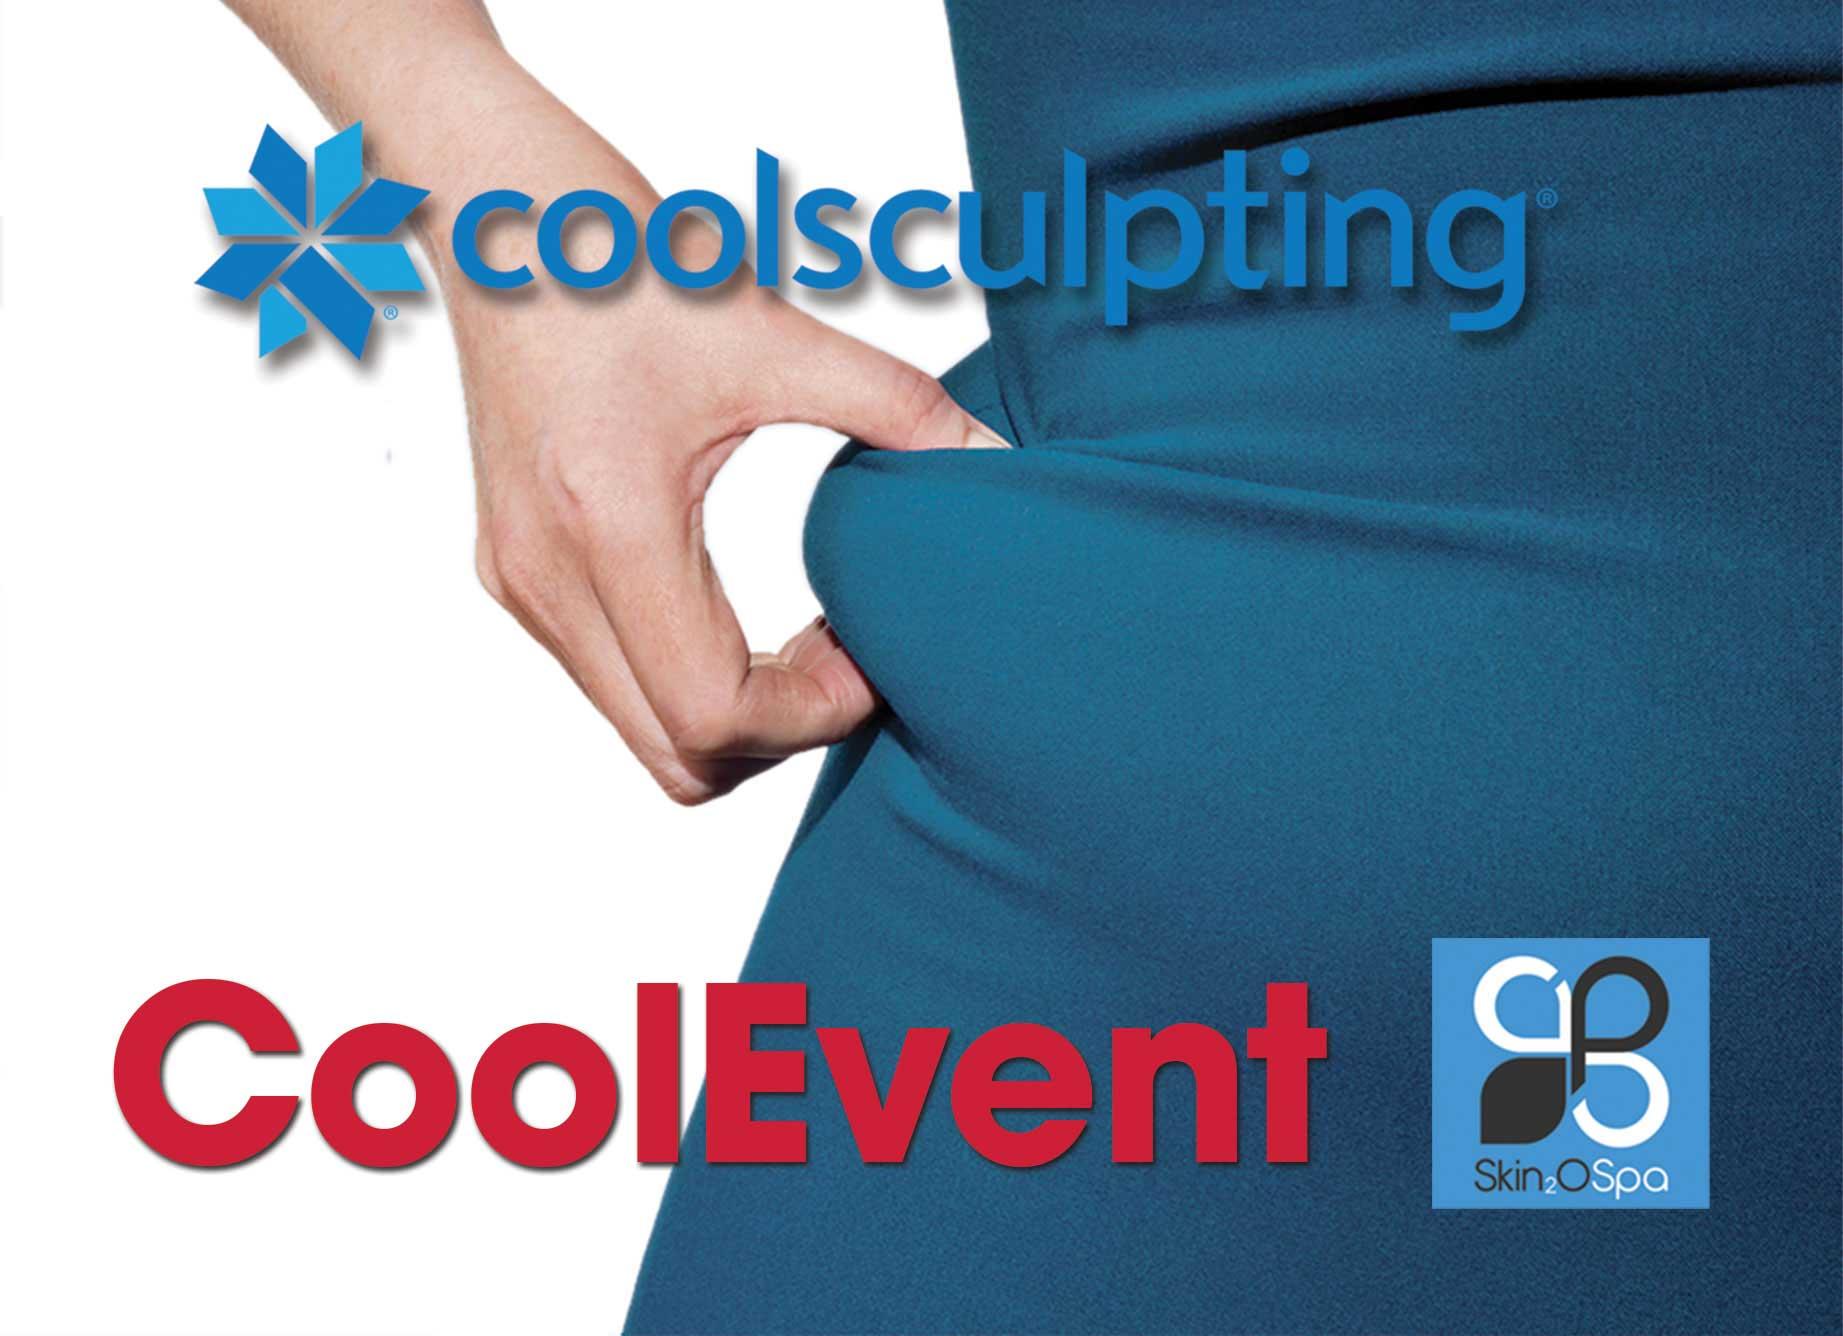 CoolSculpting CoolEvent